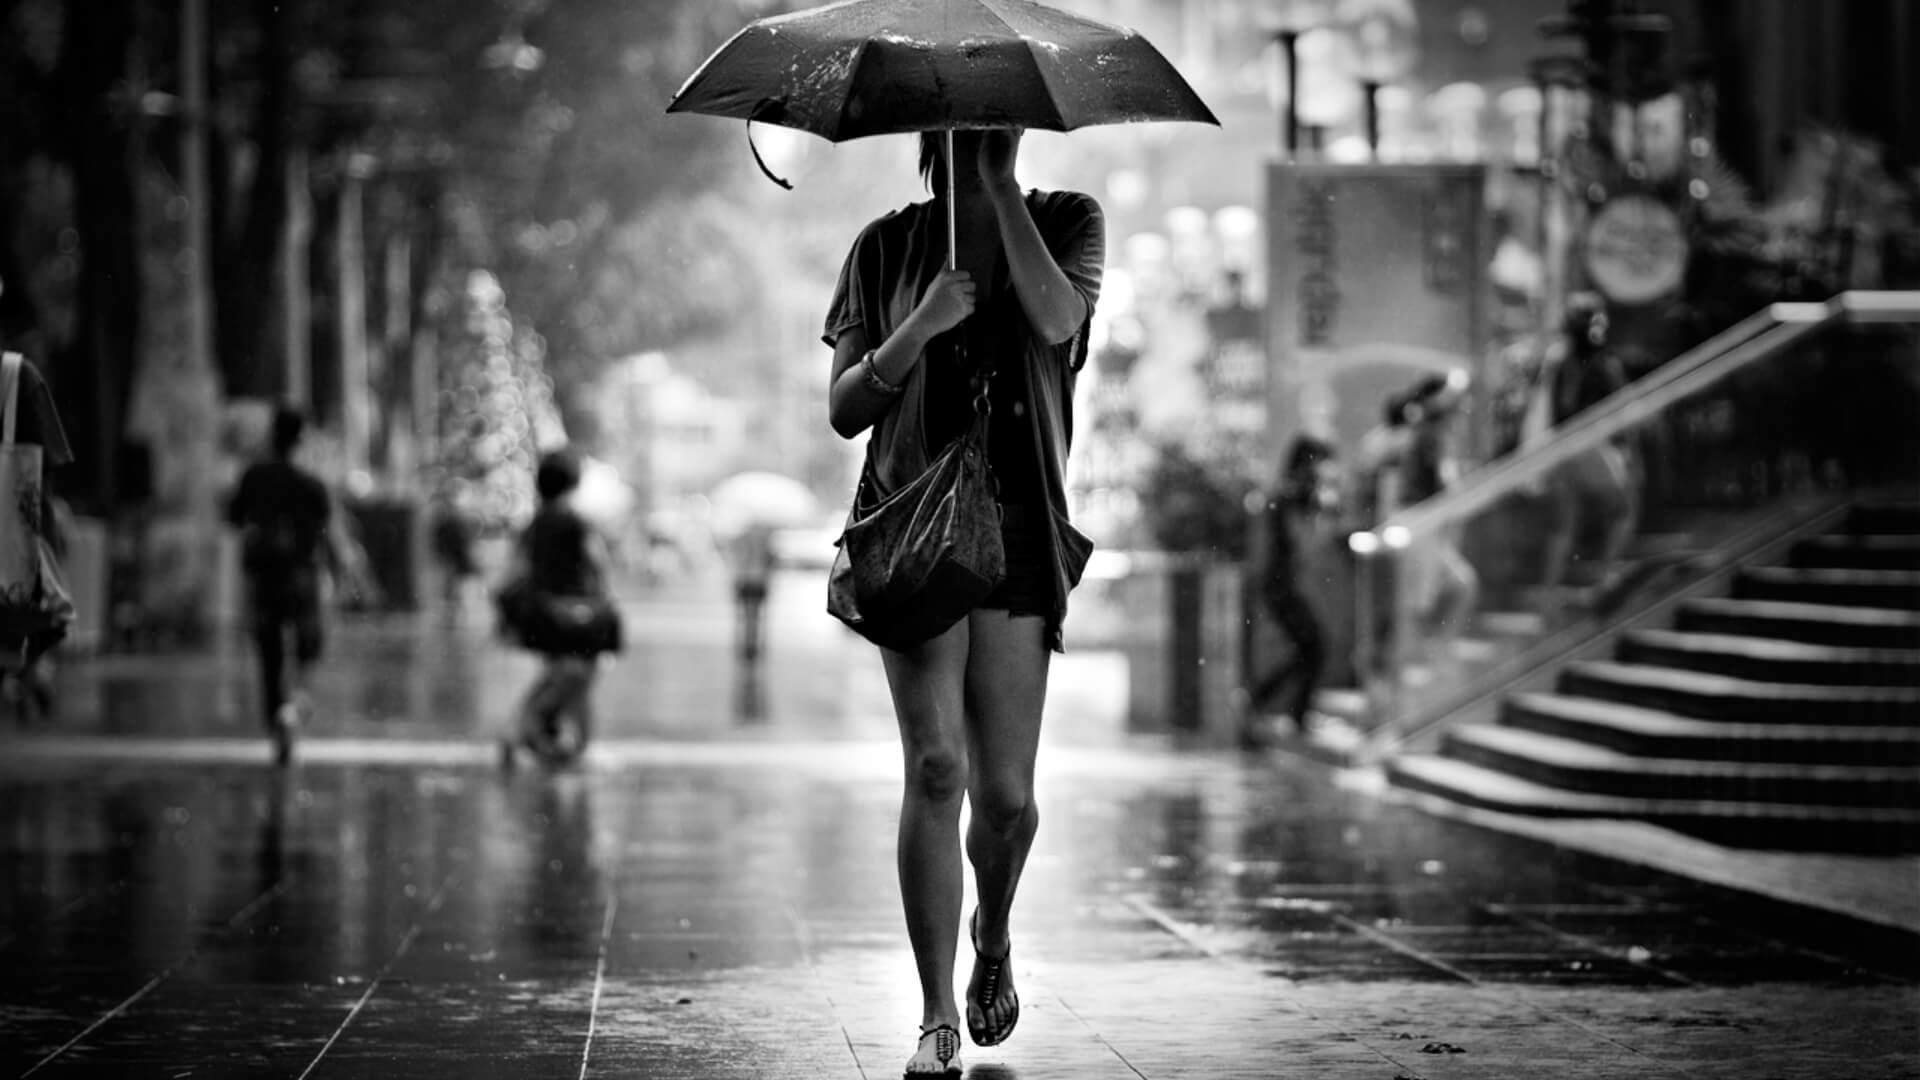 rainy day pictures